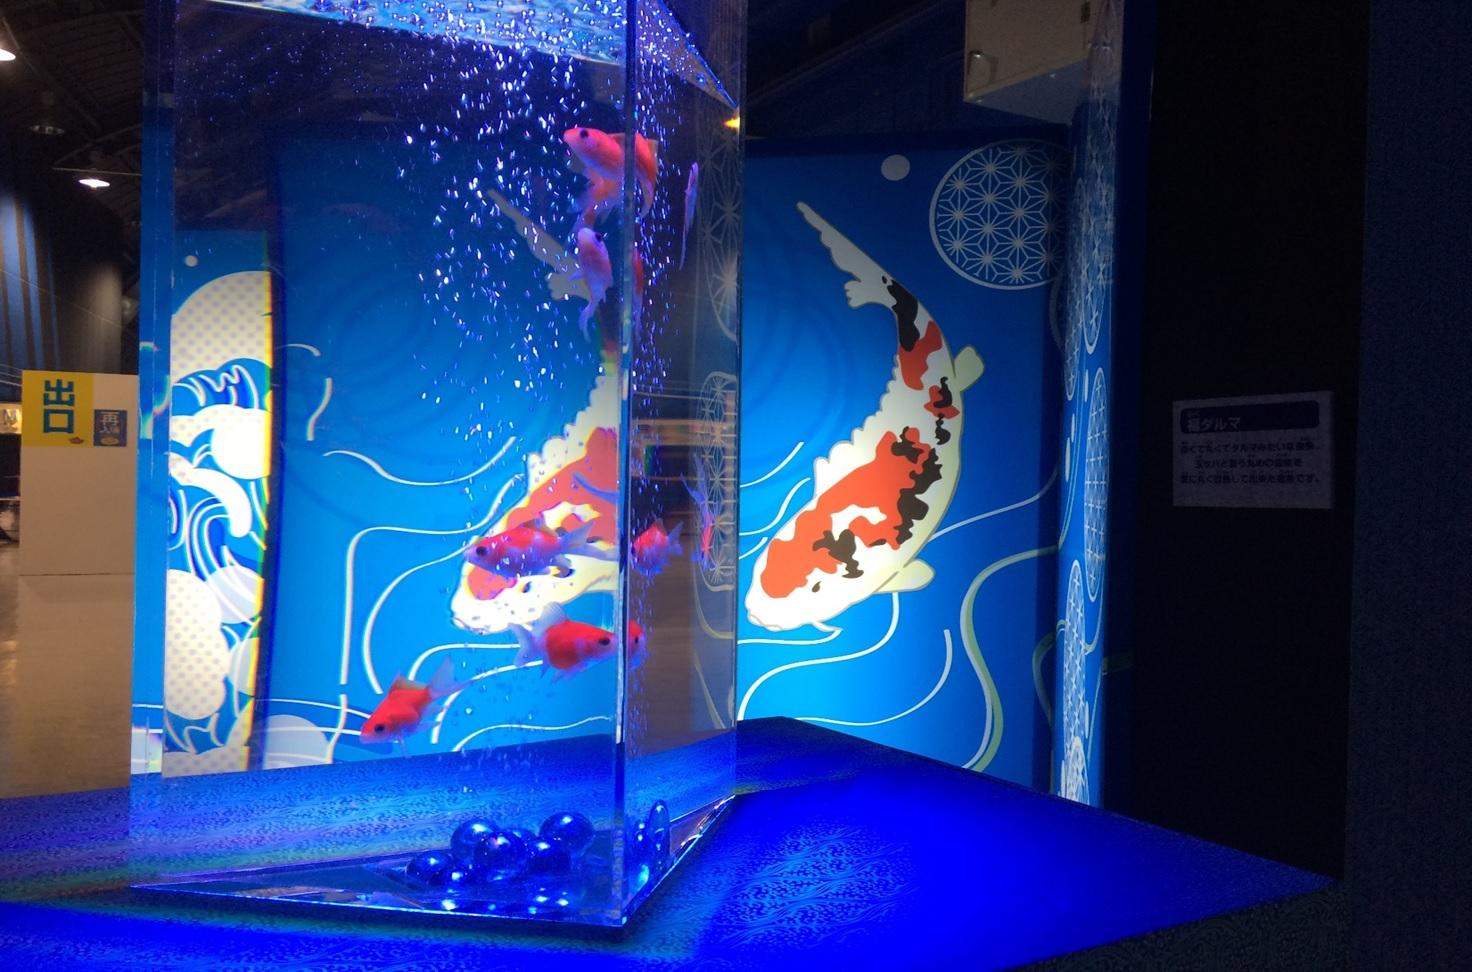 『GOLDFISH AQUARIUM』宇都宮PARCO~金魚と光で彩るミニ水族館~